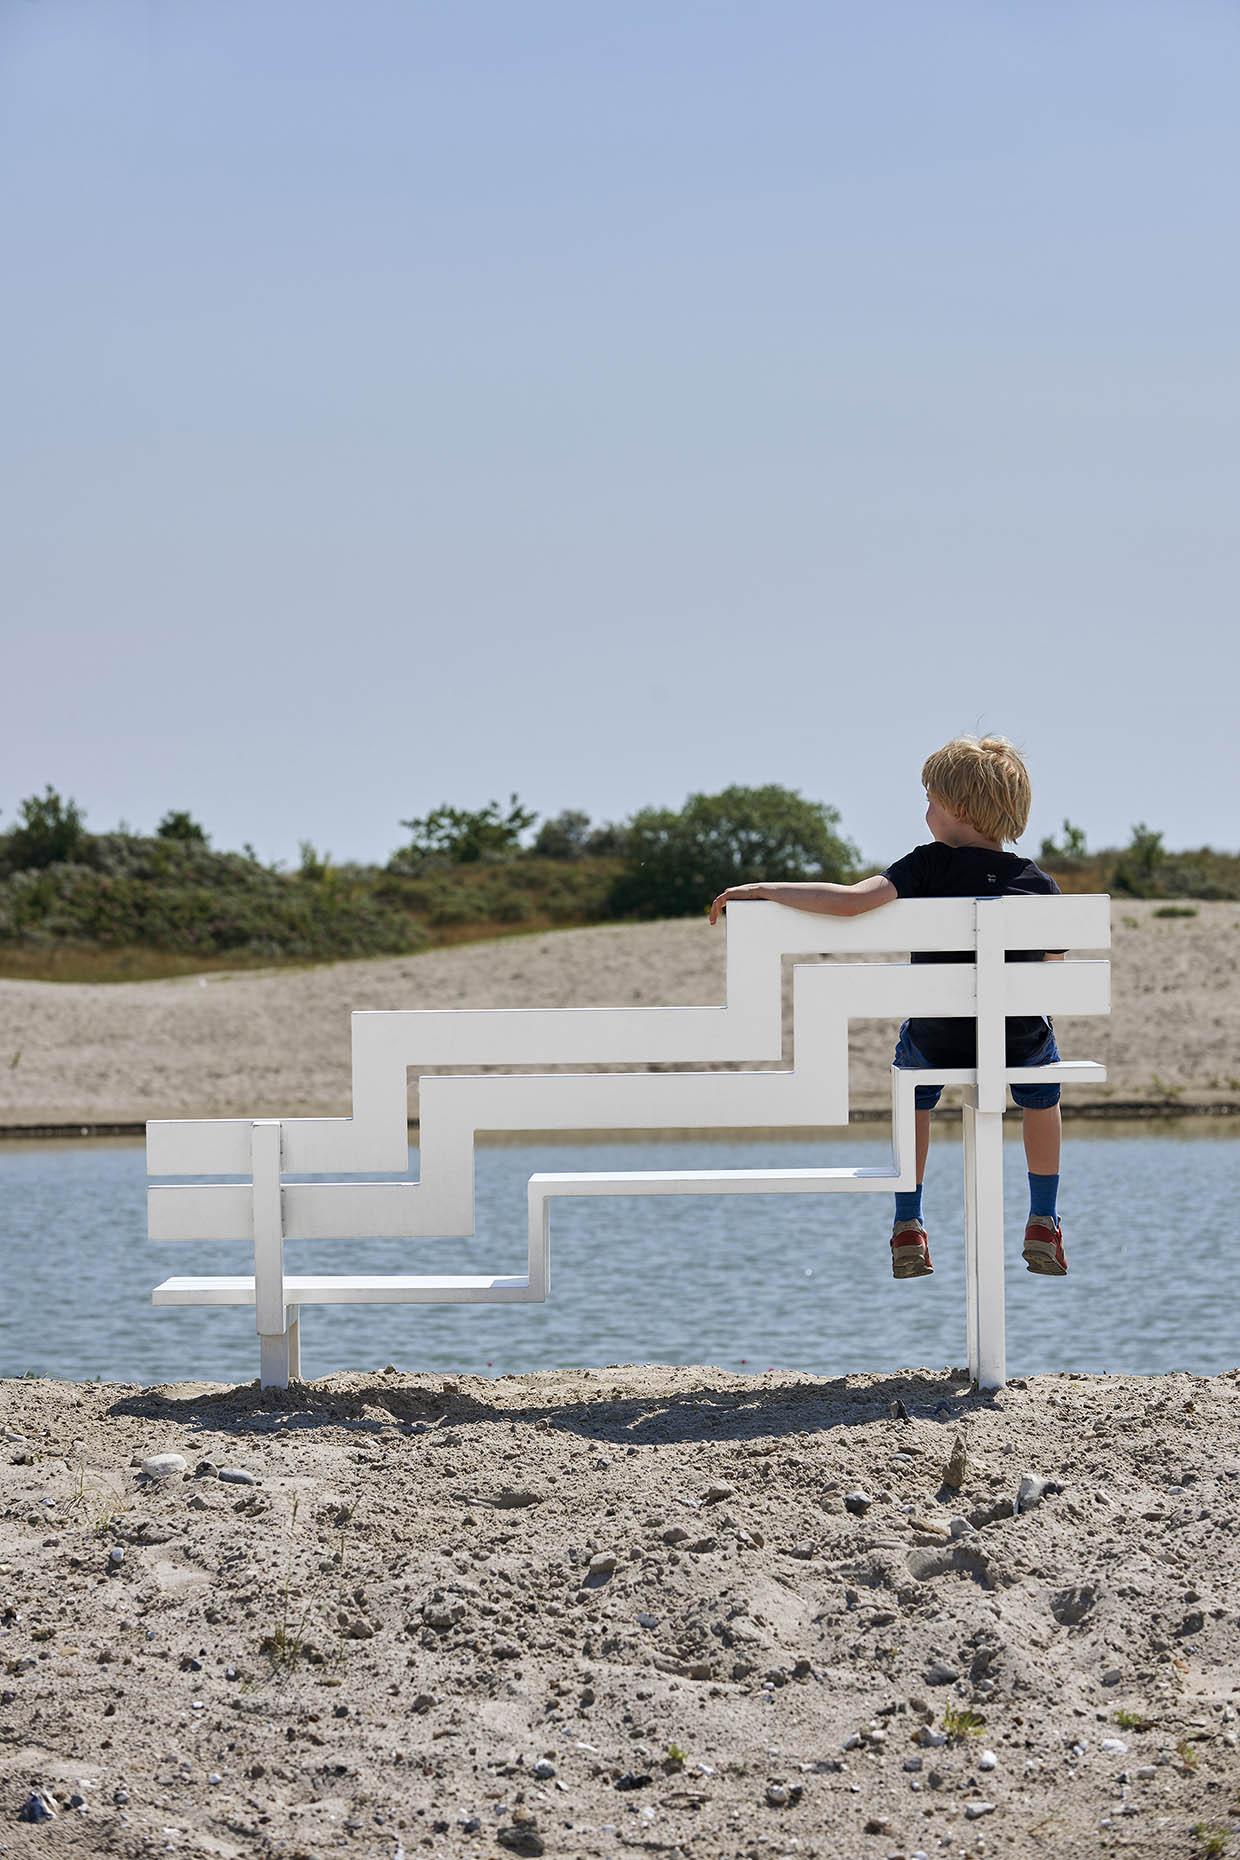 Jeppe Hein, Modificeret Social Bænk U, 2008. ARKEN Museum for Moderne Kunst. Foto: Torben Petersen